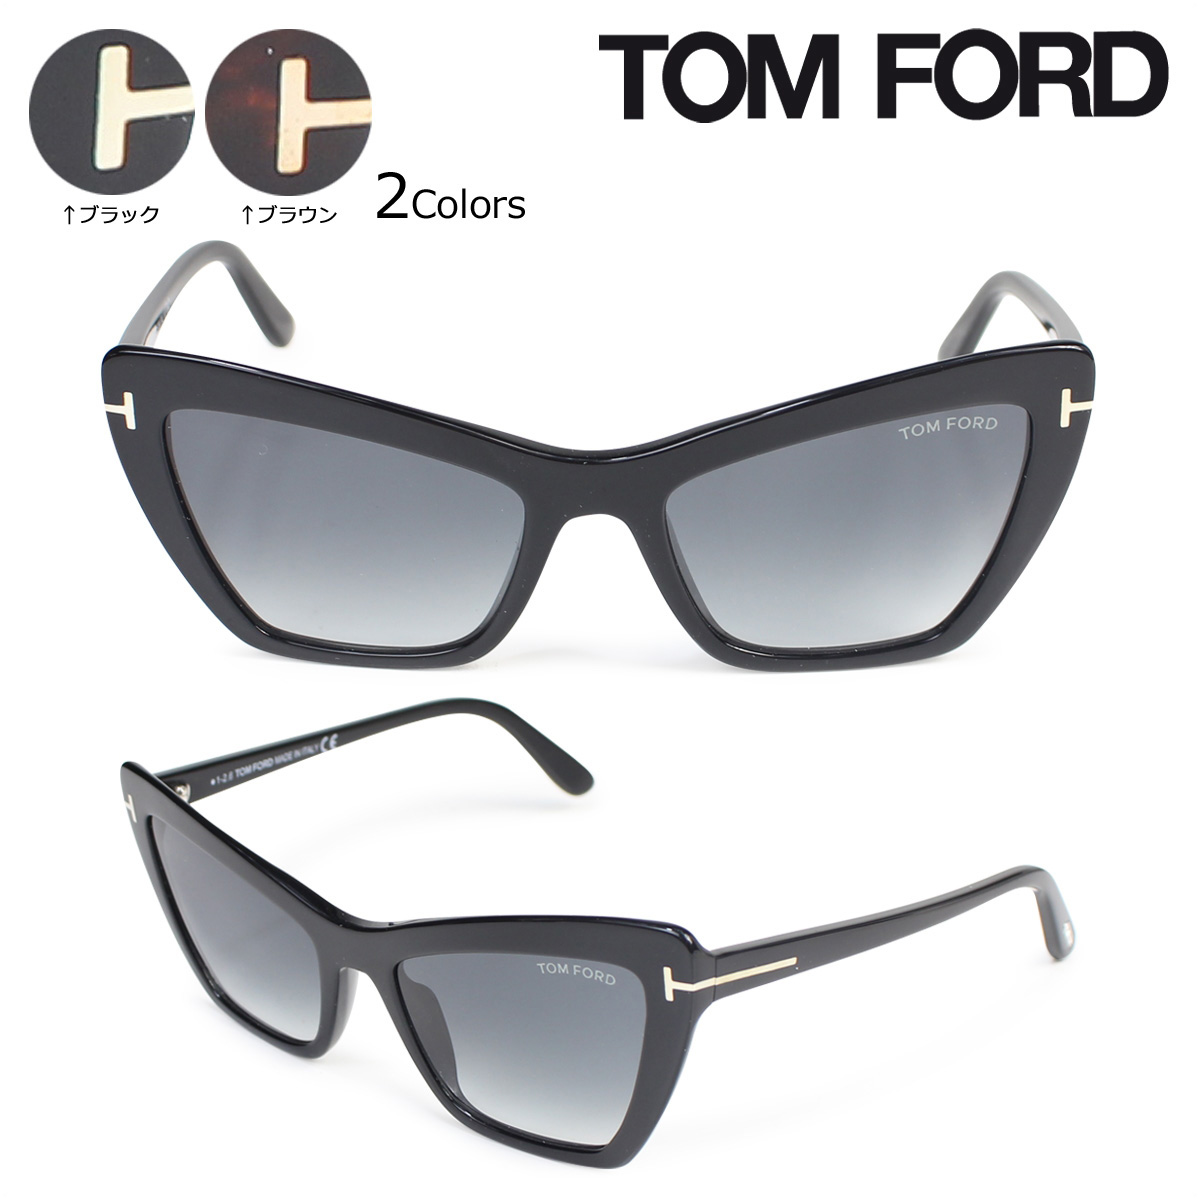 TOM FORD トムフォード サングラス メガネ メンズ レディース アイウェア FT0555 VALESCA SUNGLASSES 2カラー